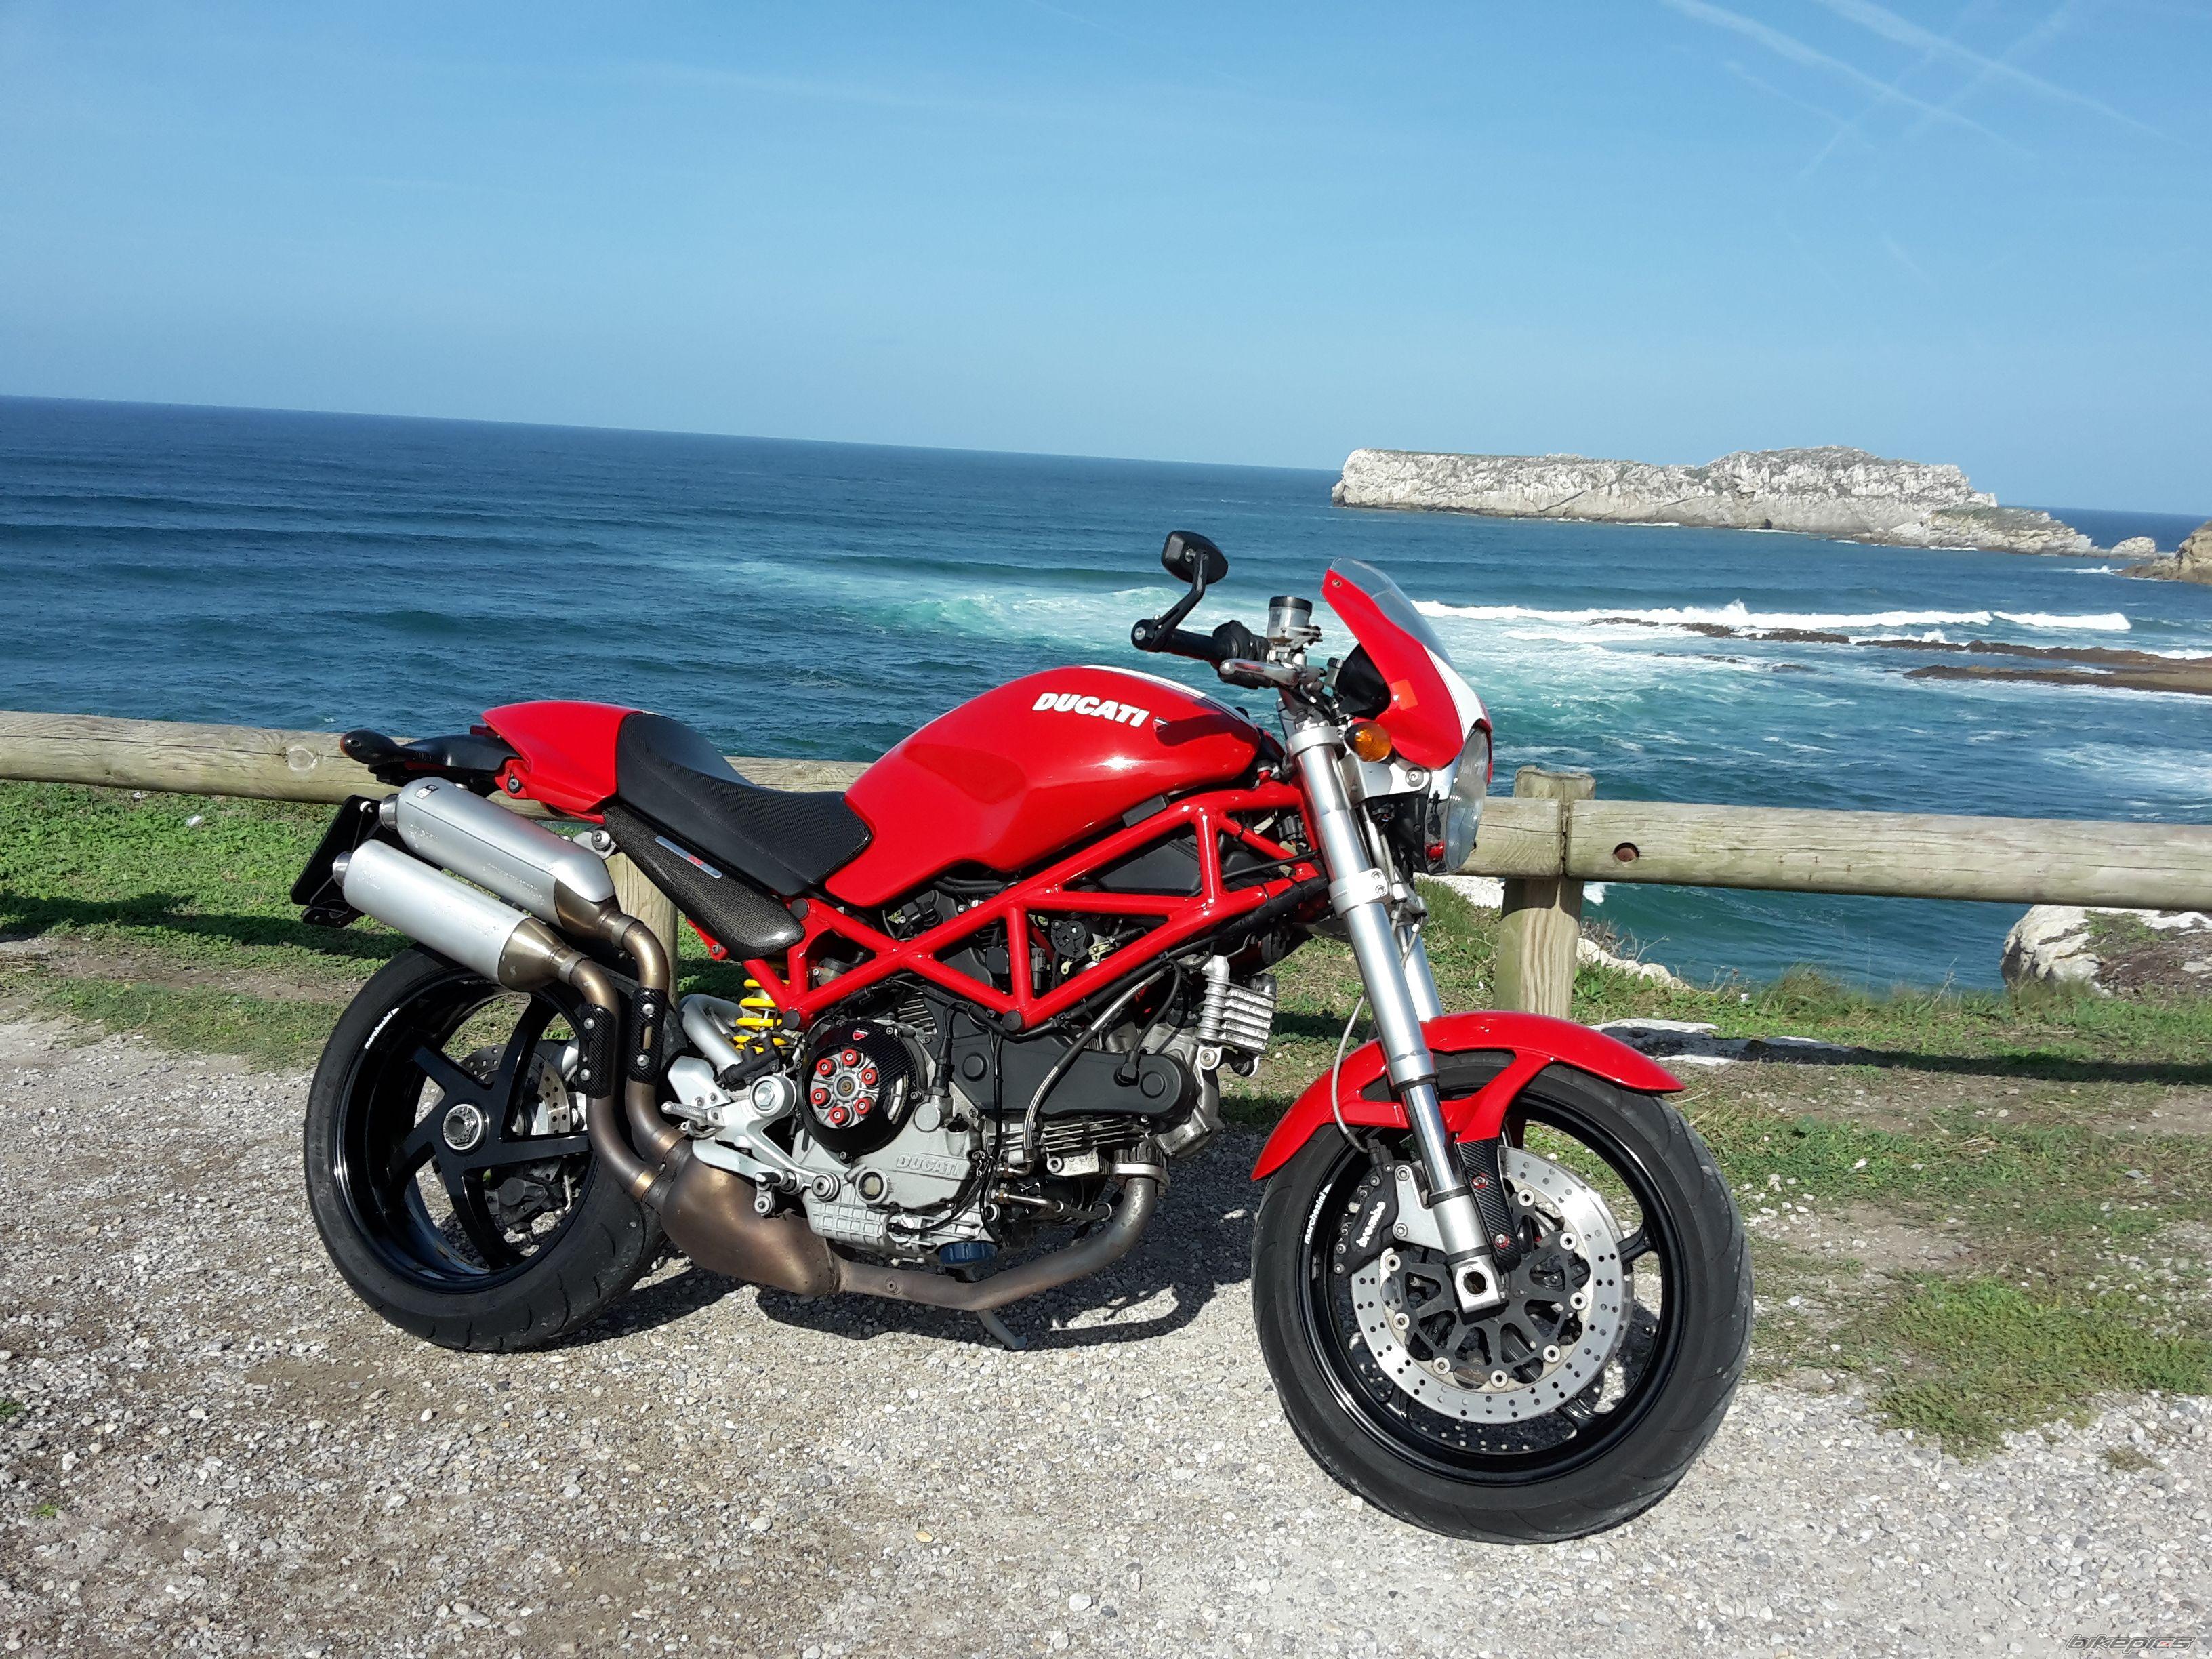 Ducati Monster S2R | Ducati monster s2r